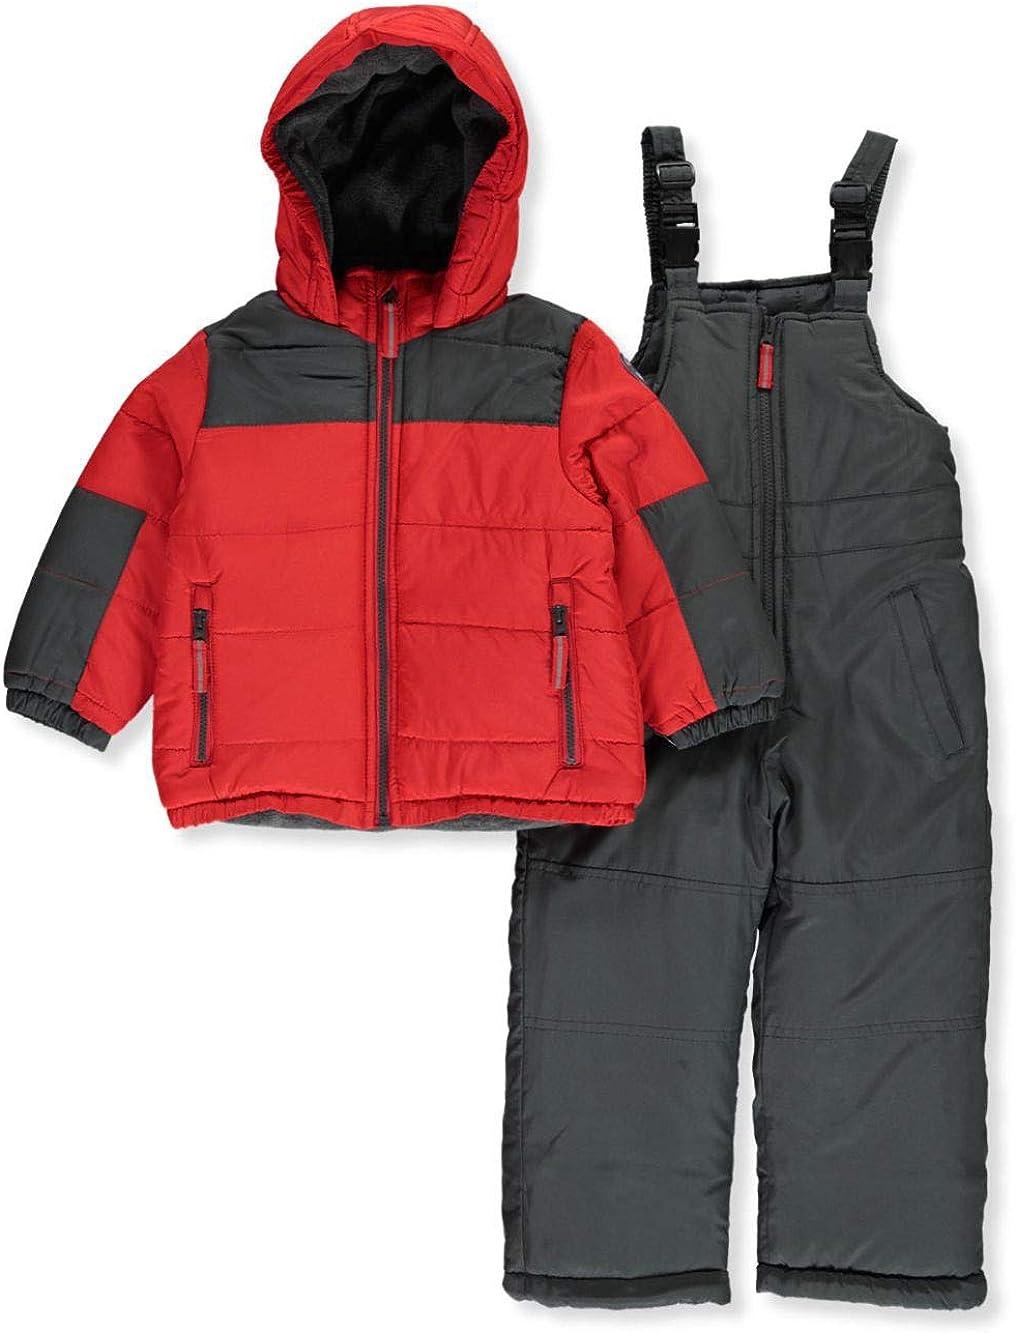 OshKosh B'Gosh Osh Kosh Boys' Ski Jacket and Snowbib Snowsuit Set (Red/Gray, 7)